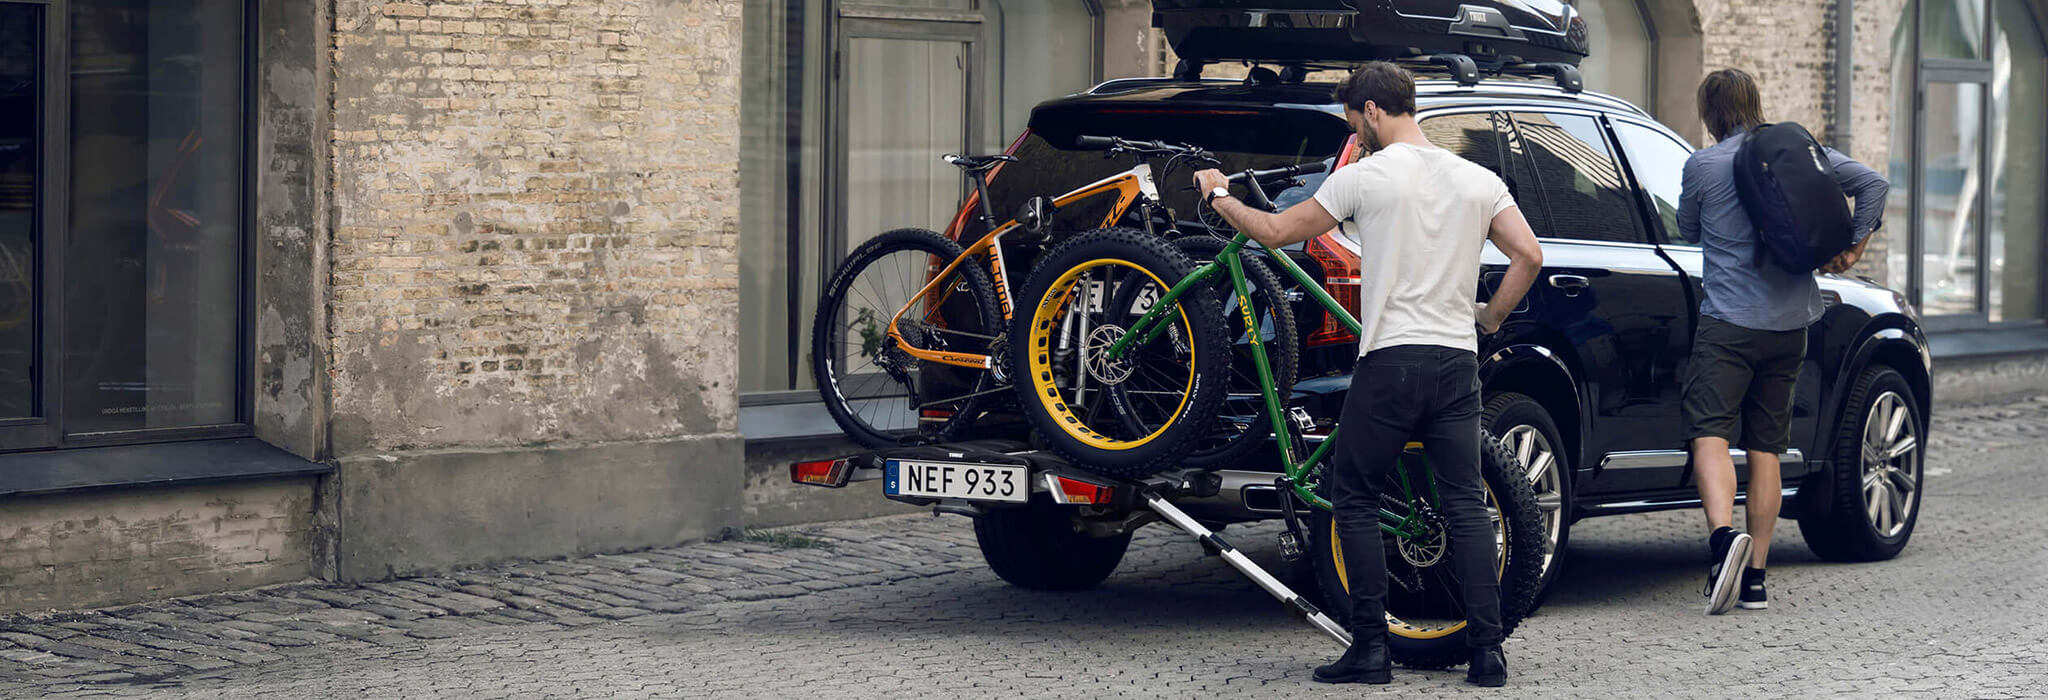 Thule Bike Carriers Amp Bike Racks The Roof Box Company